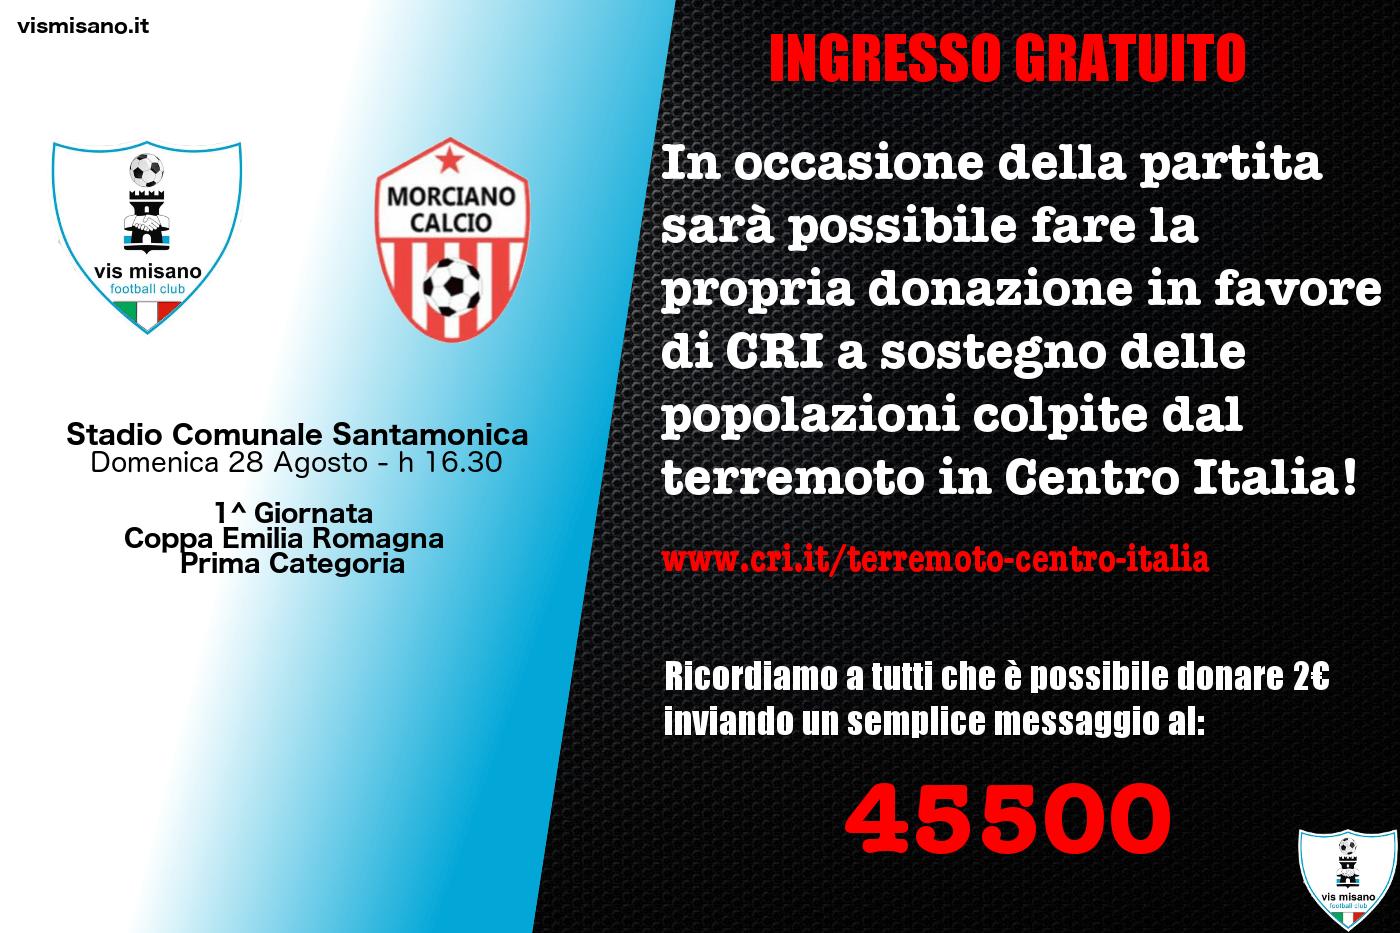 allestire un banchetto per la raccolta di donazioni in favore di CRI a sostegno delle popolazioni colpite dal terremoto in Centro Italia.